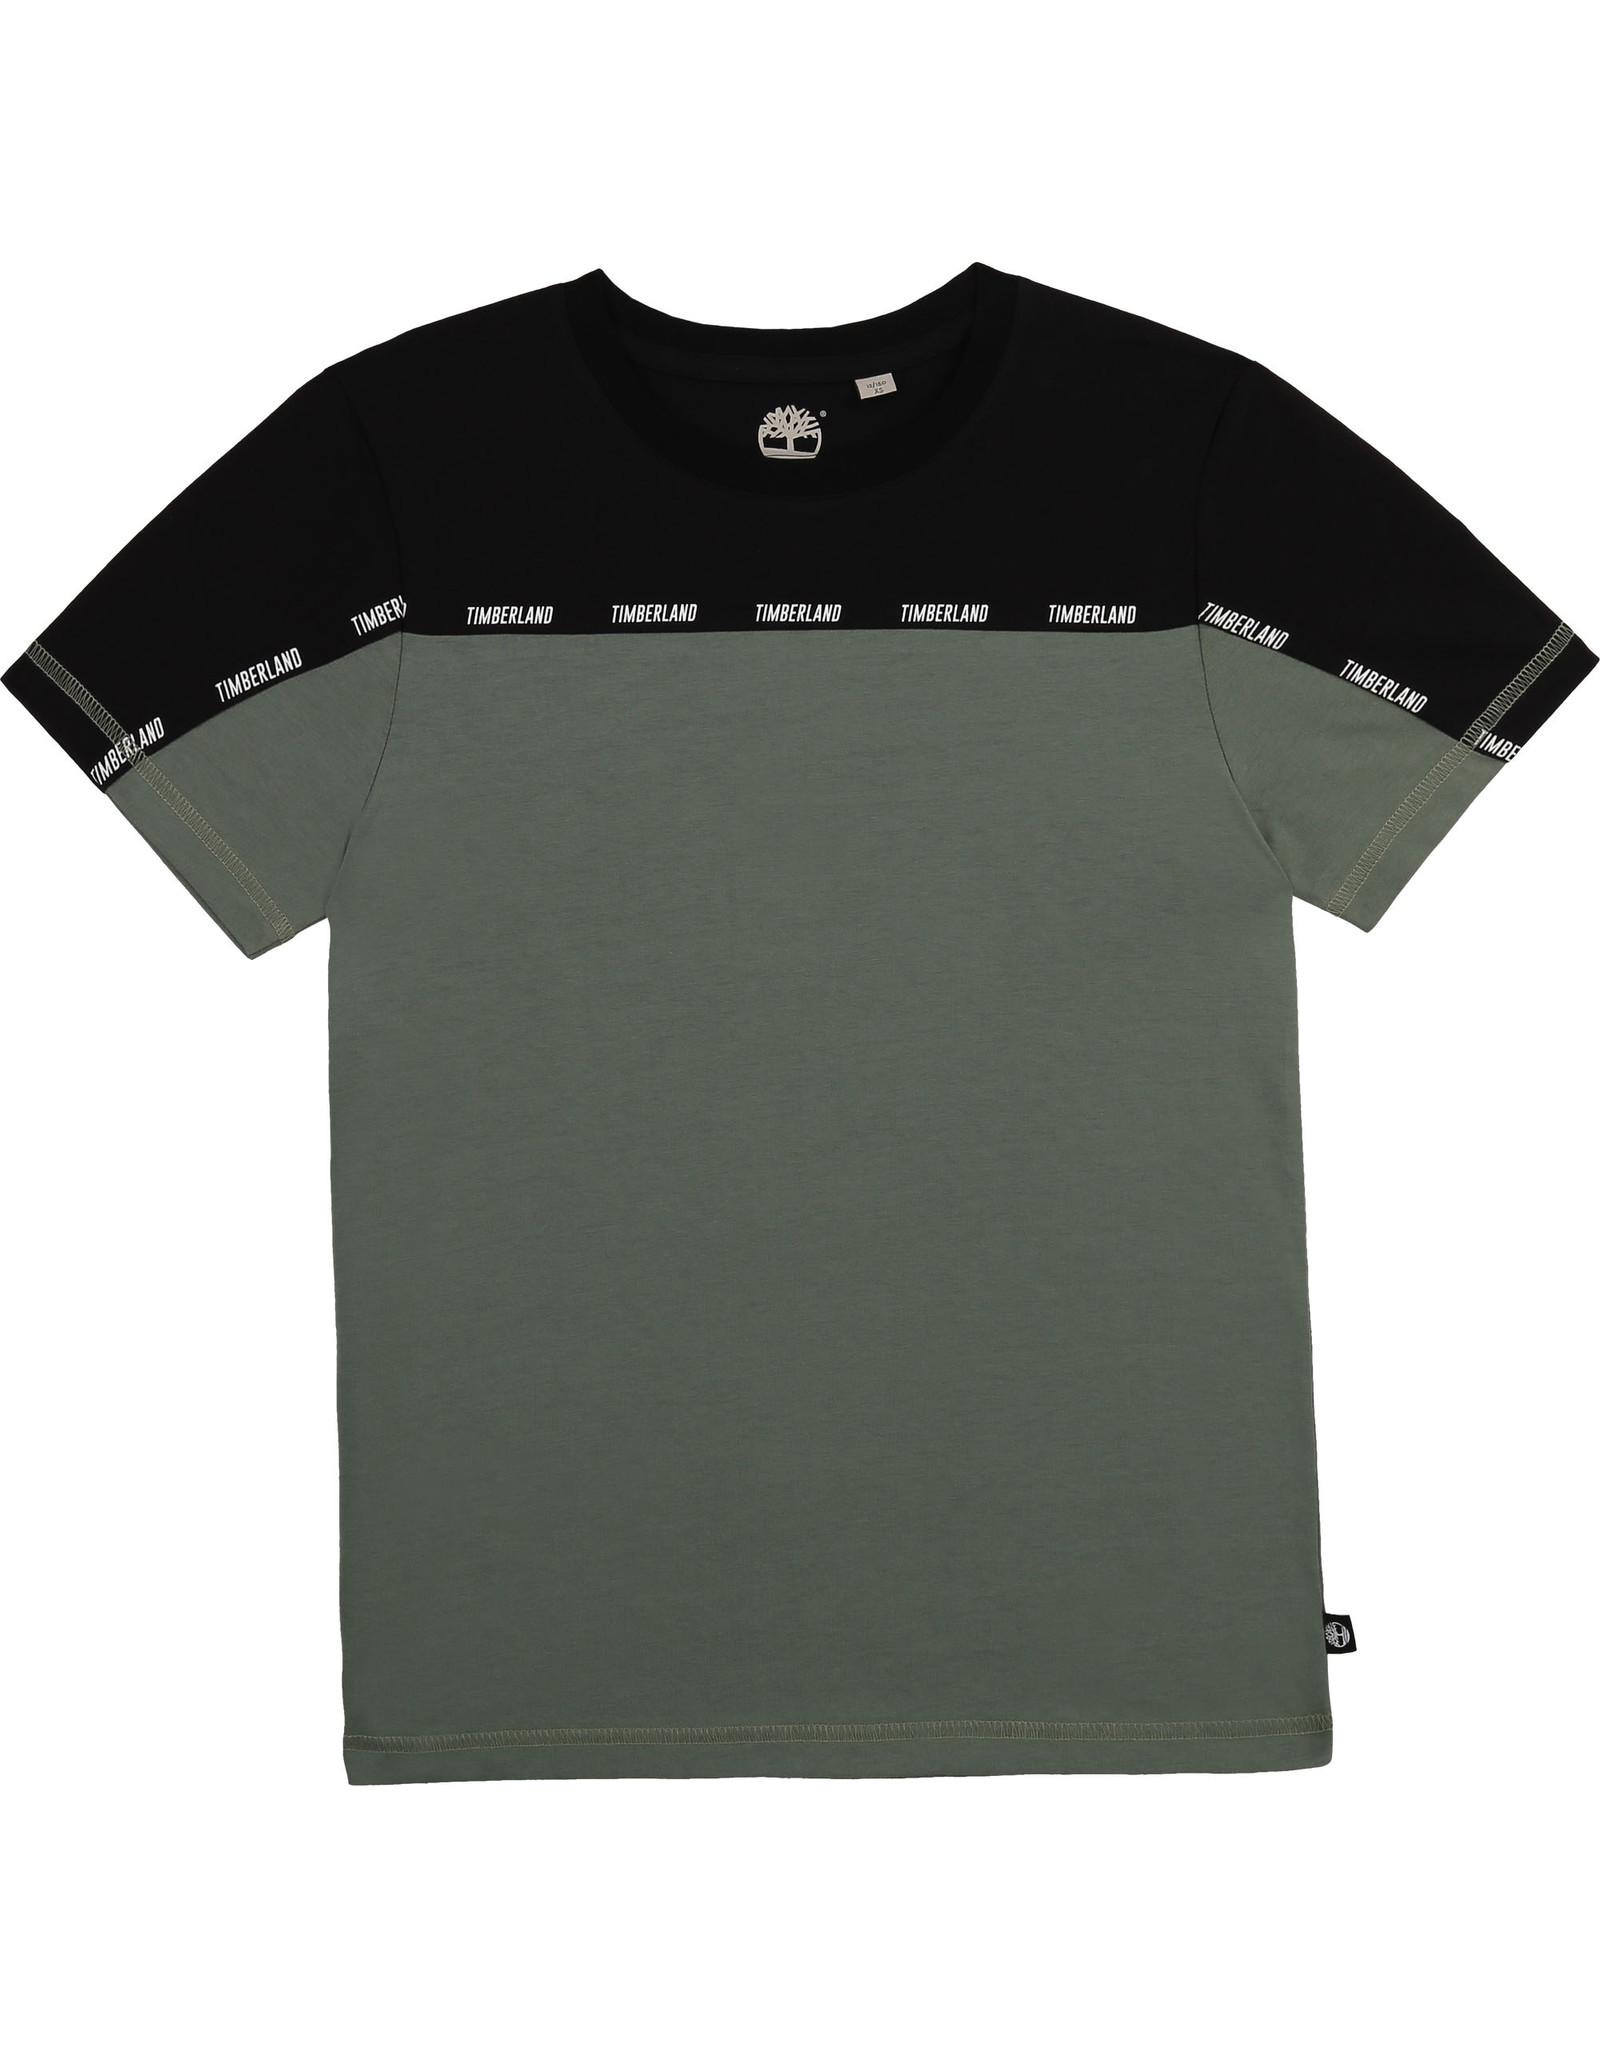 Timberland SS21 T45830 T-shirt